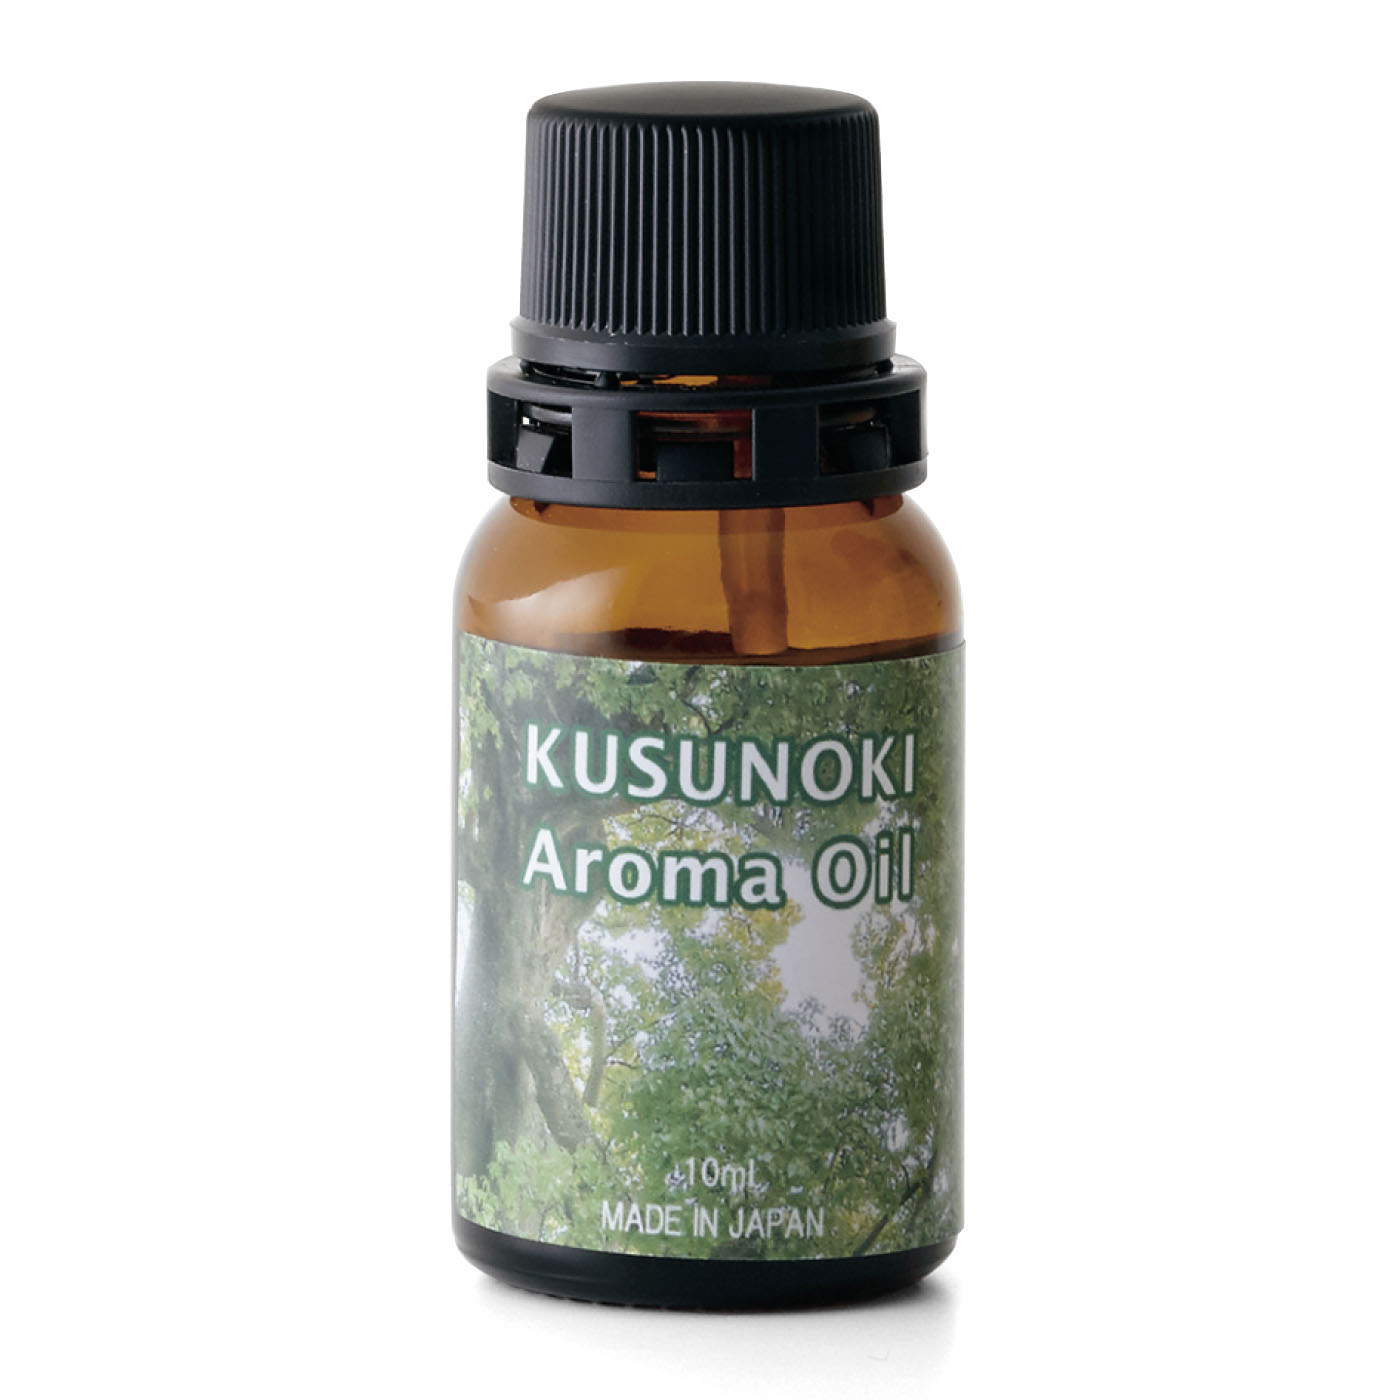 クスノキ・アロマオイル 10mℓ 希少価値の高い天然100%の樟脳油。メントール系とフレッシュな柑橘系を合わせたようなすがすがしい香り。ウッドチップや炭、素焼きの陶器のかけらに数的垂らして、空間の芳香に。